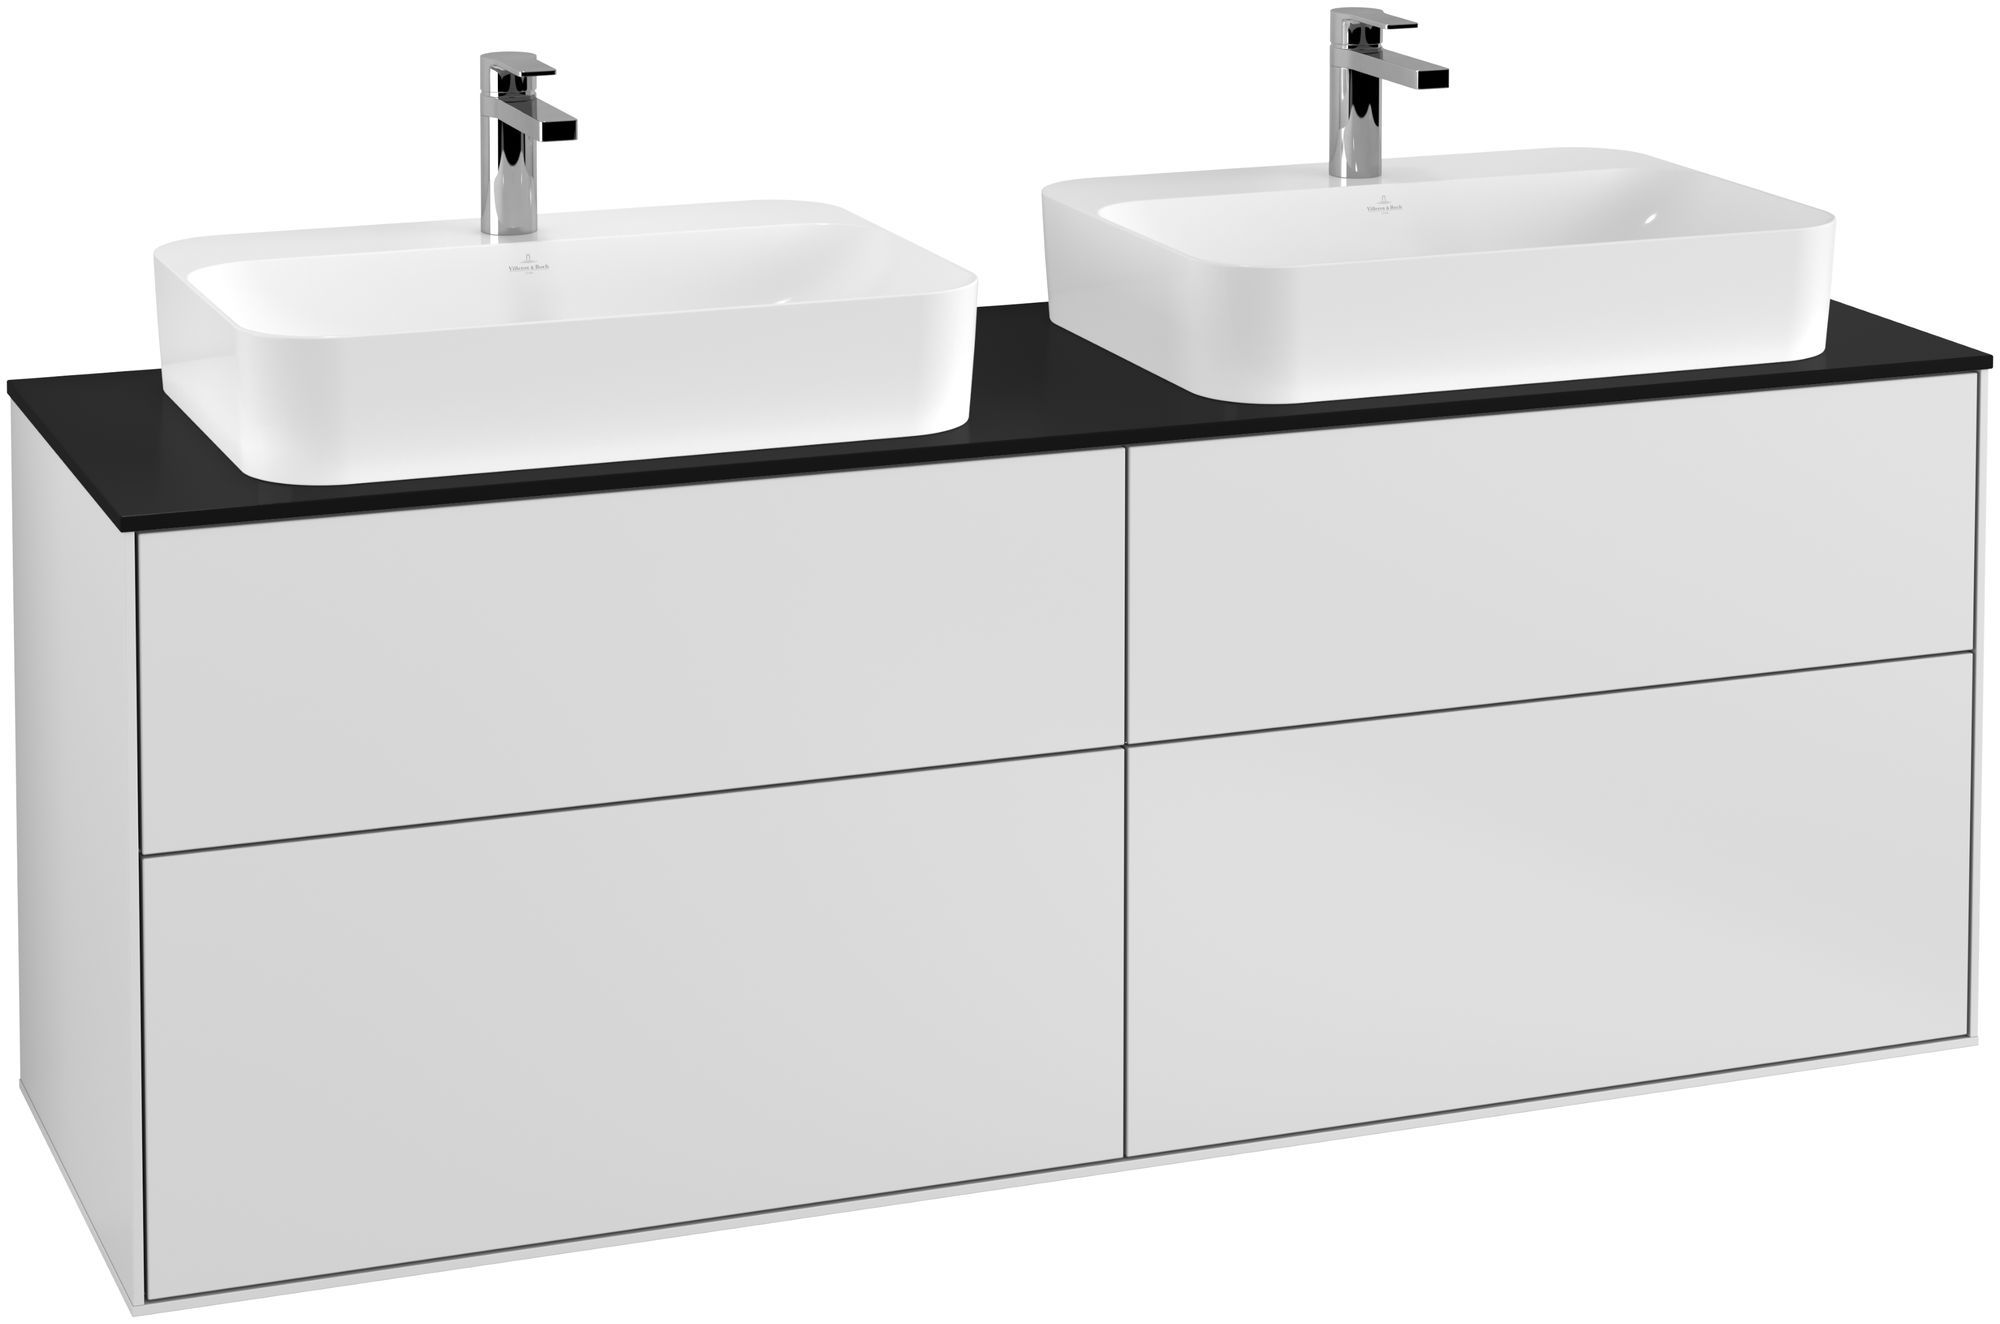 Villeroy & Boch Finion F43 Waschtischunterschrank 4 Auszüge B:160xH:60,3xT:50,1cm Front, Korpus: Weiß Matt Soft Grey, Glasplatte: Black Matt F43200MT